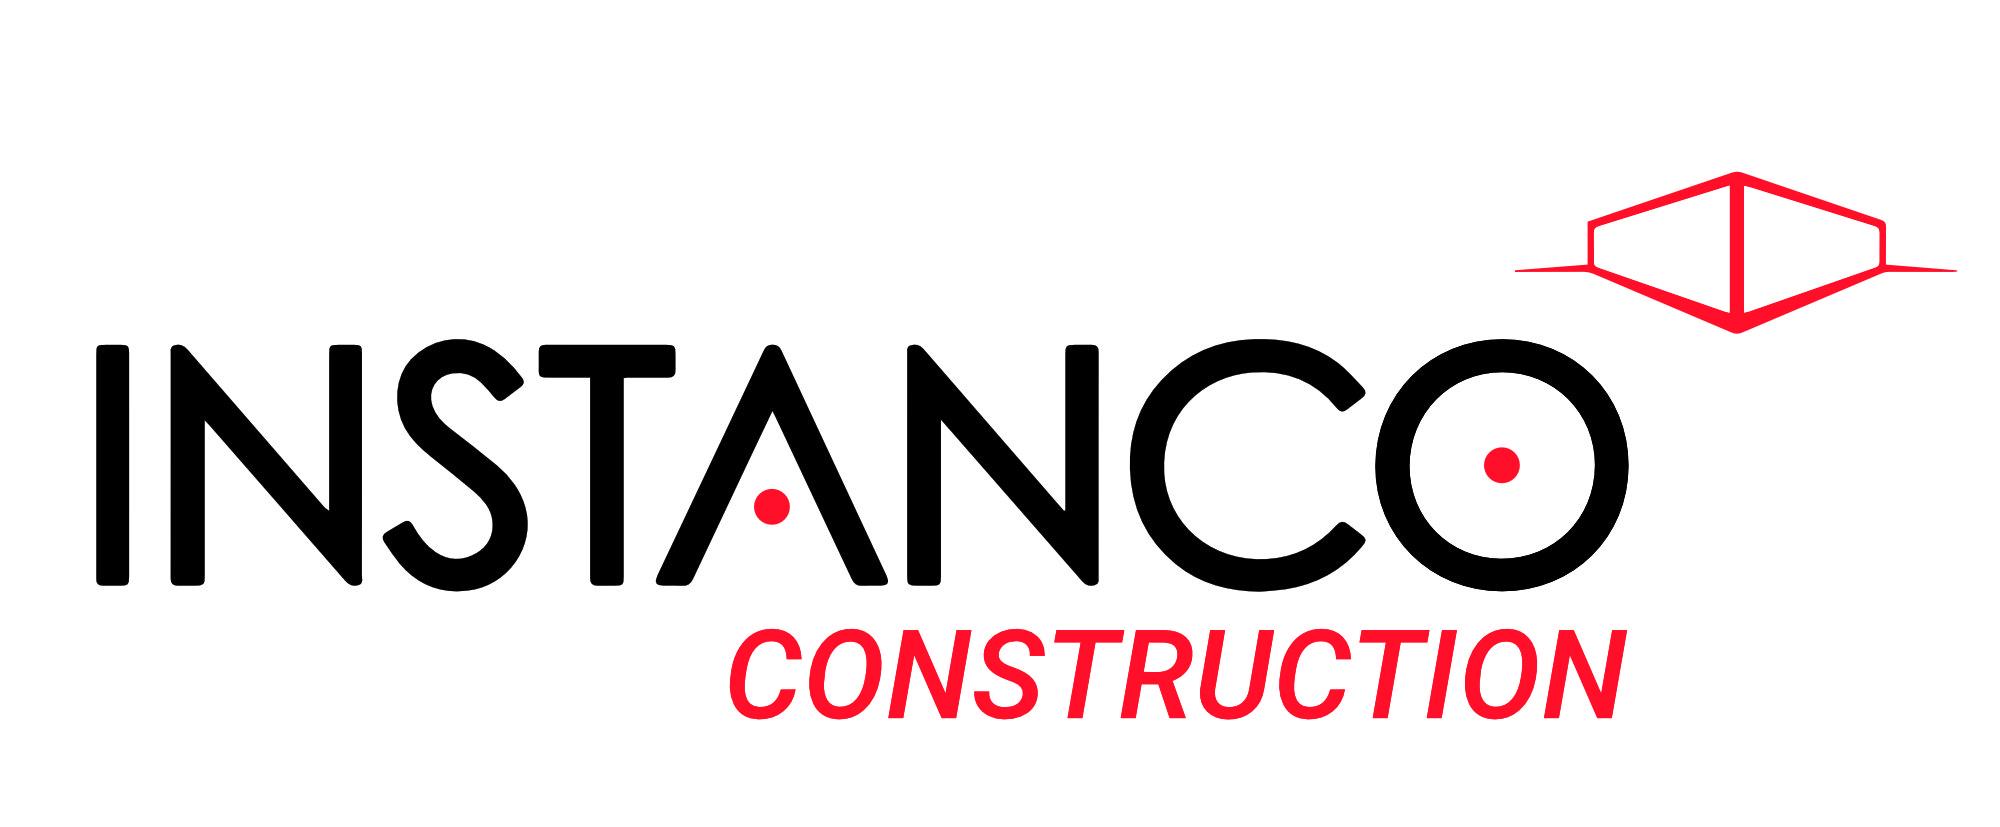 Instanco Construction - Producent wyrobów ze stali nierdzewnej